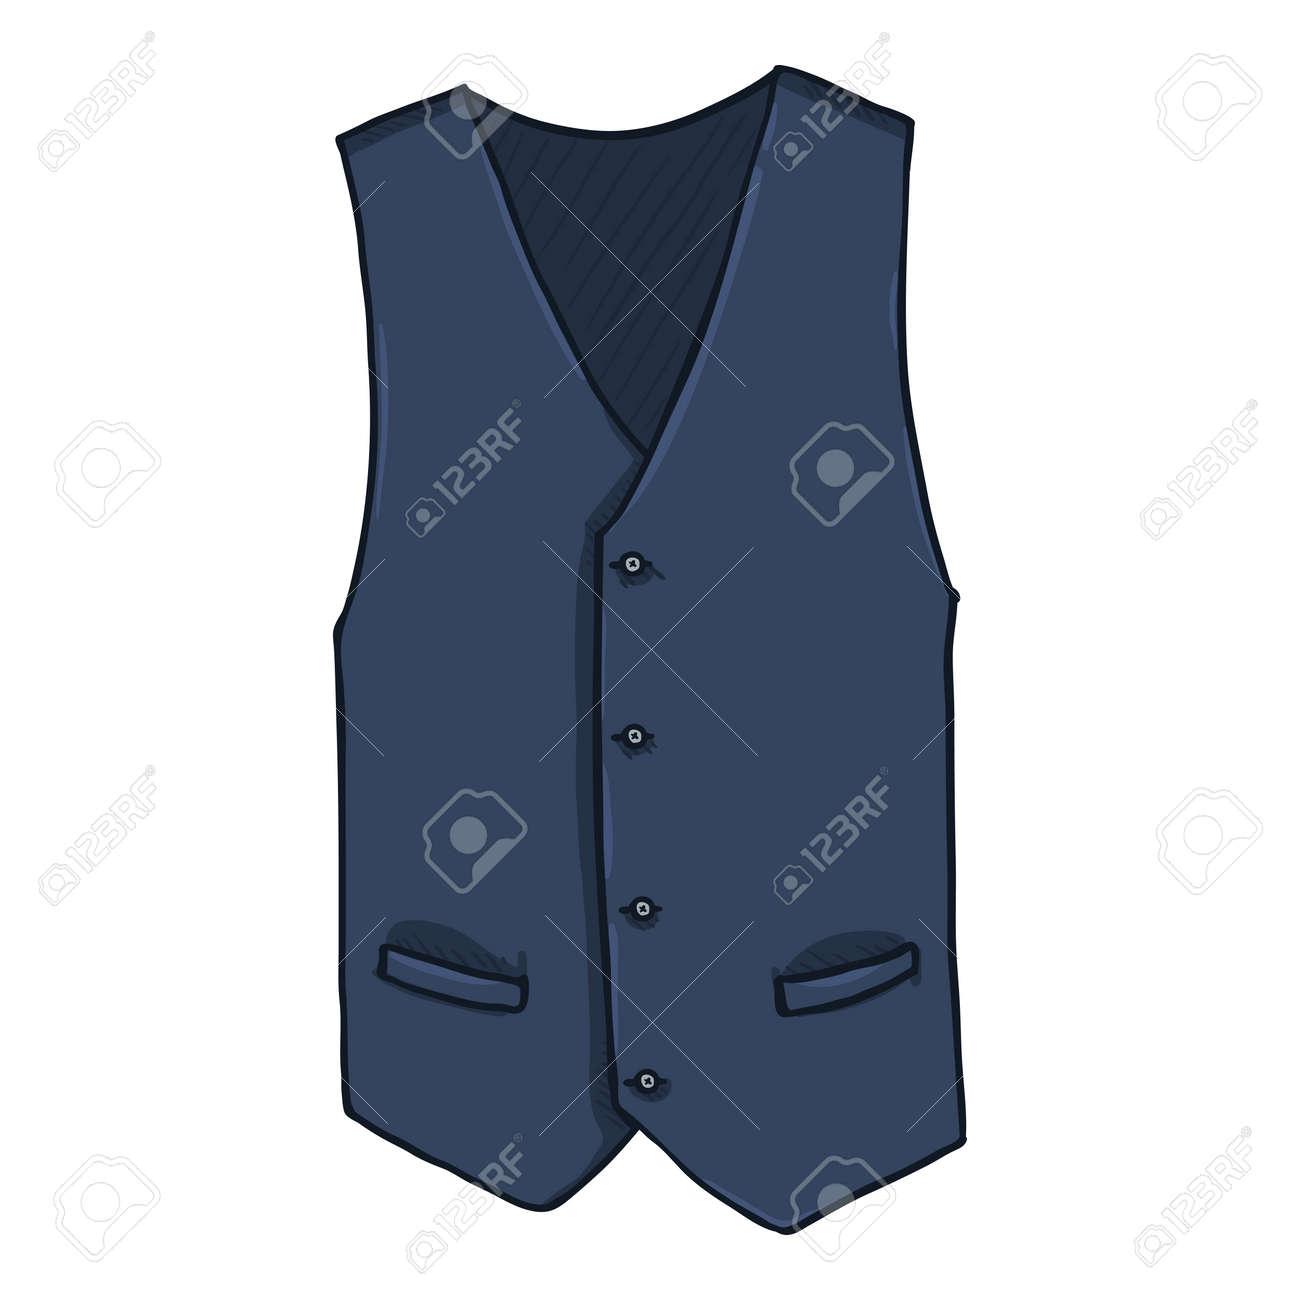 Waiscoat. Vector Cartoon Illustration of Dark Blue Vest - 169663658